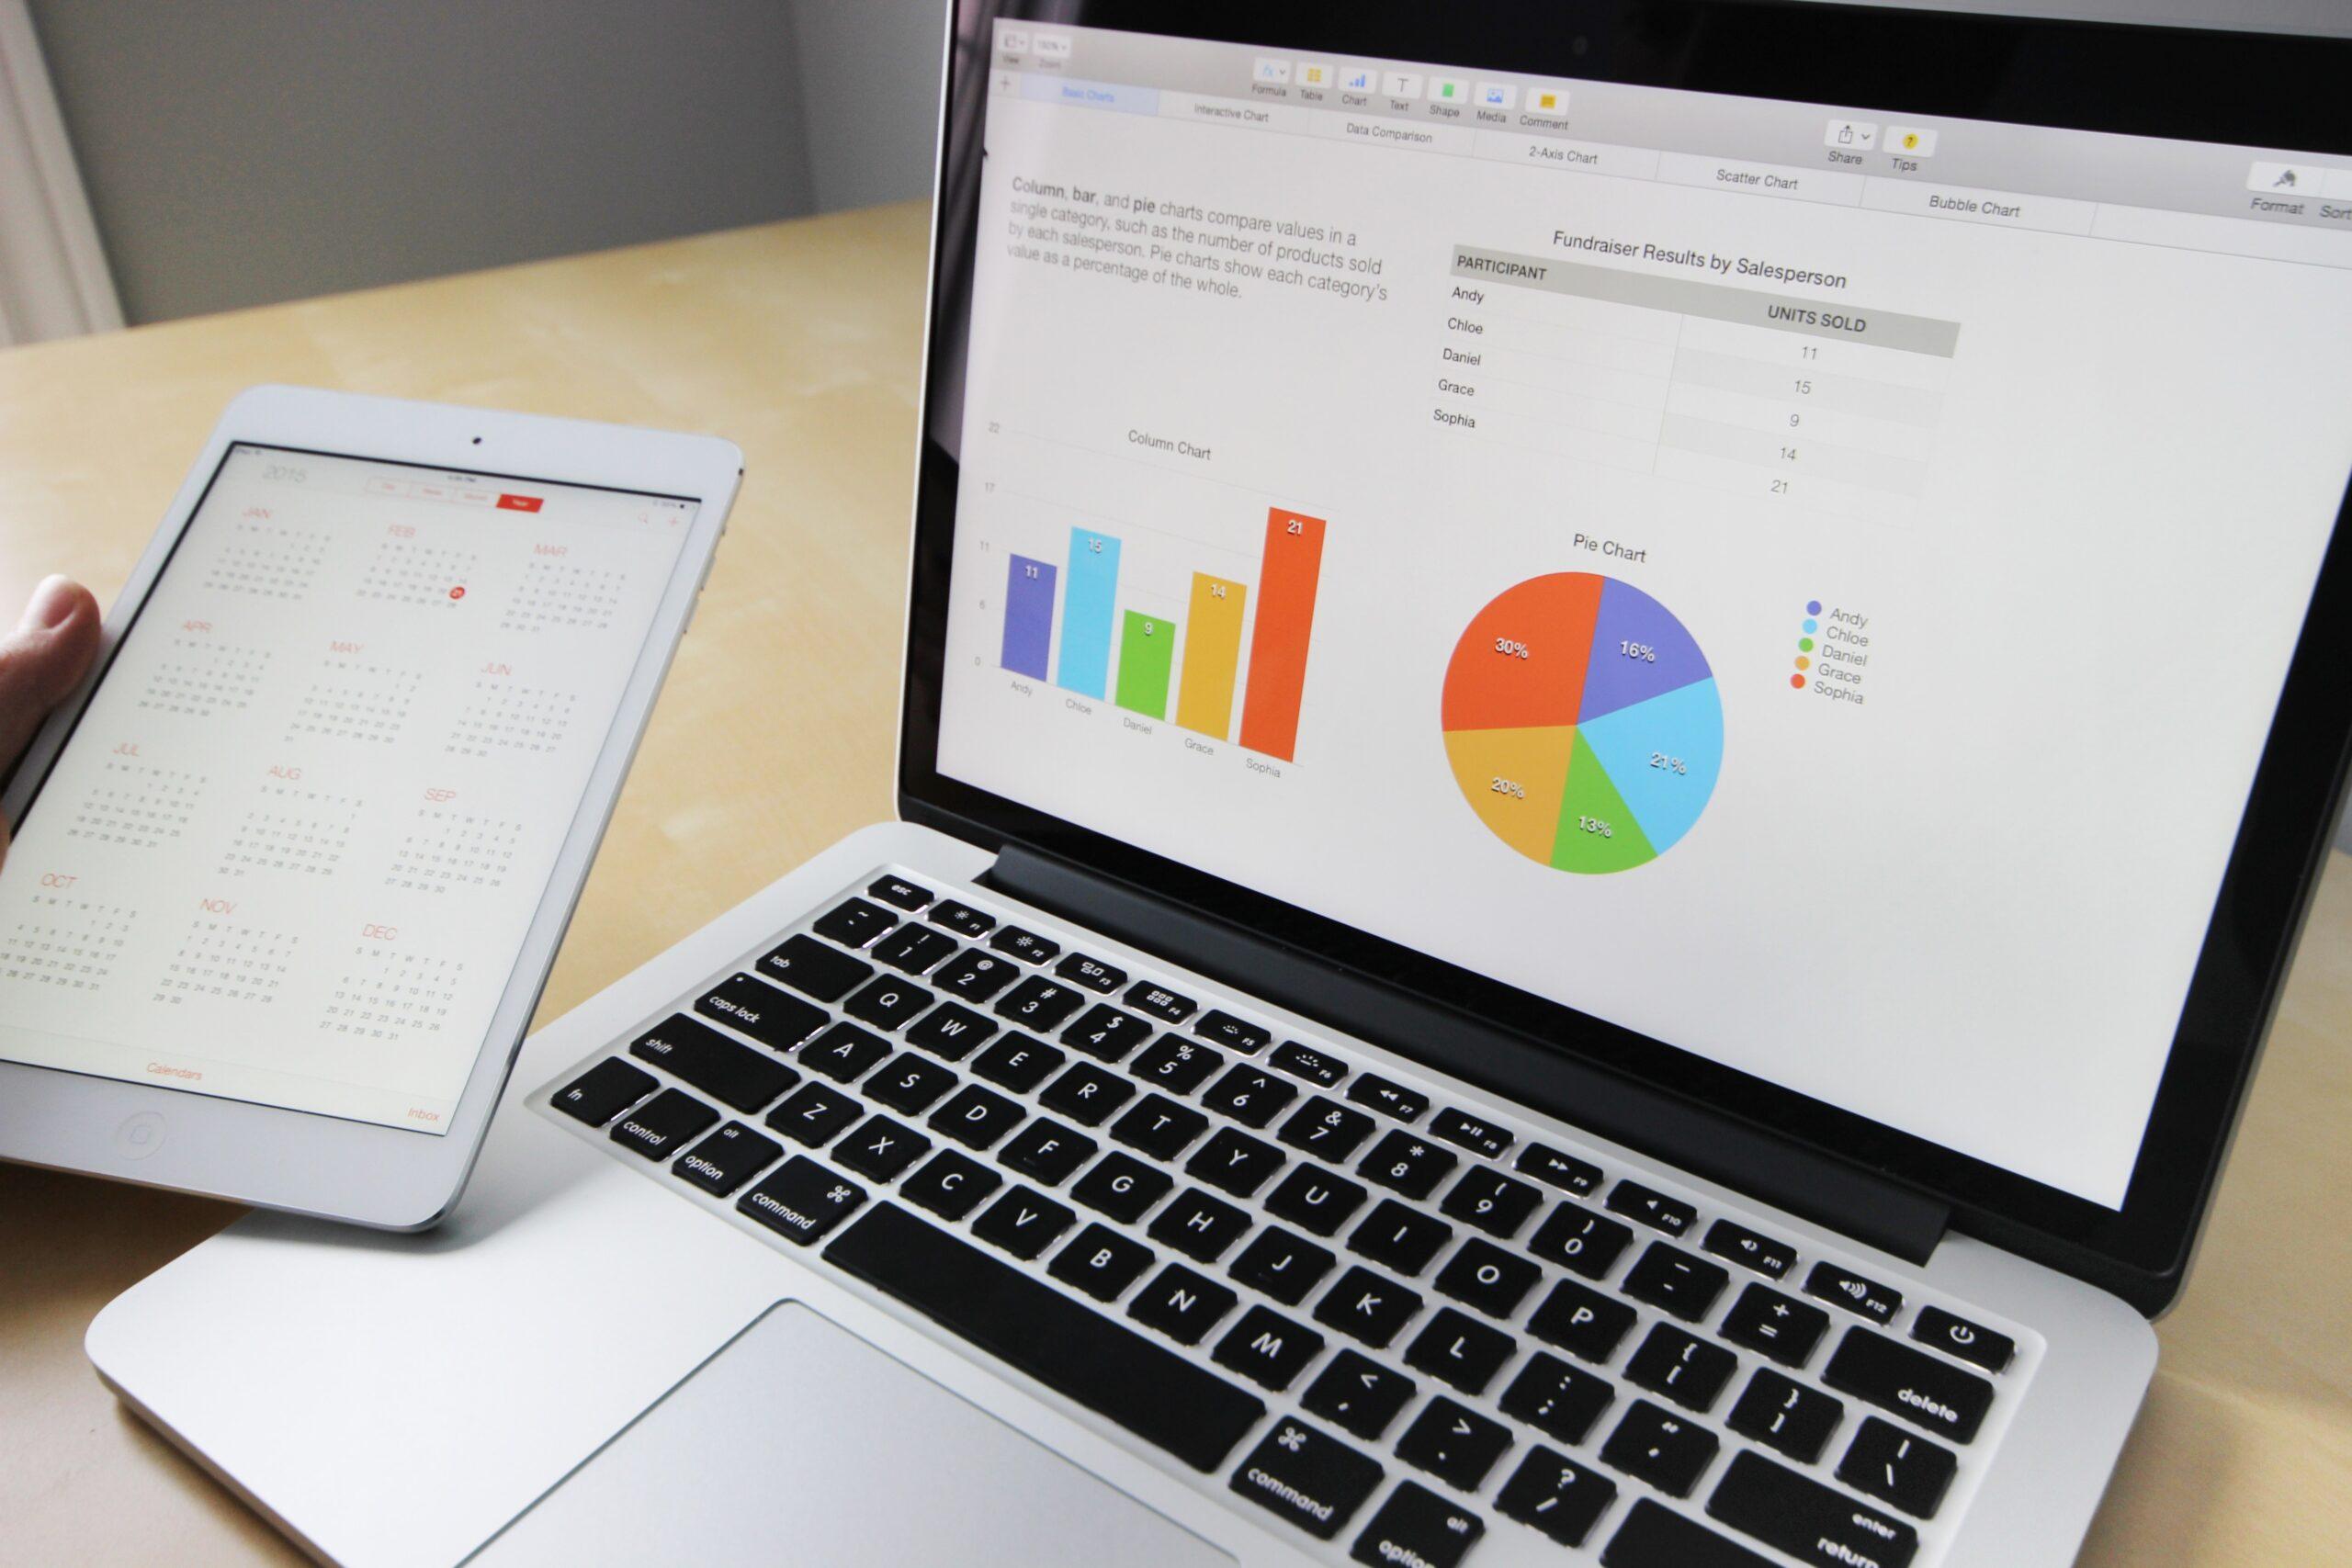 obrazek przedstawia laptopa z wyświetlanymi na ekranie grafami przedstawiającymi dane